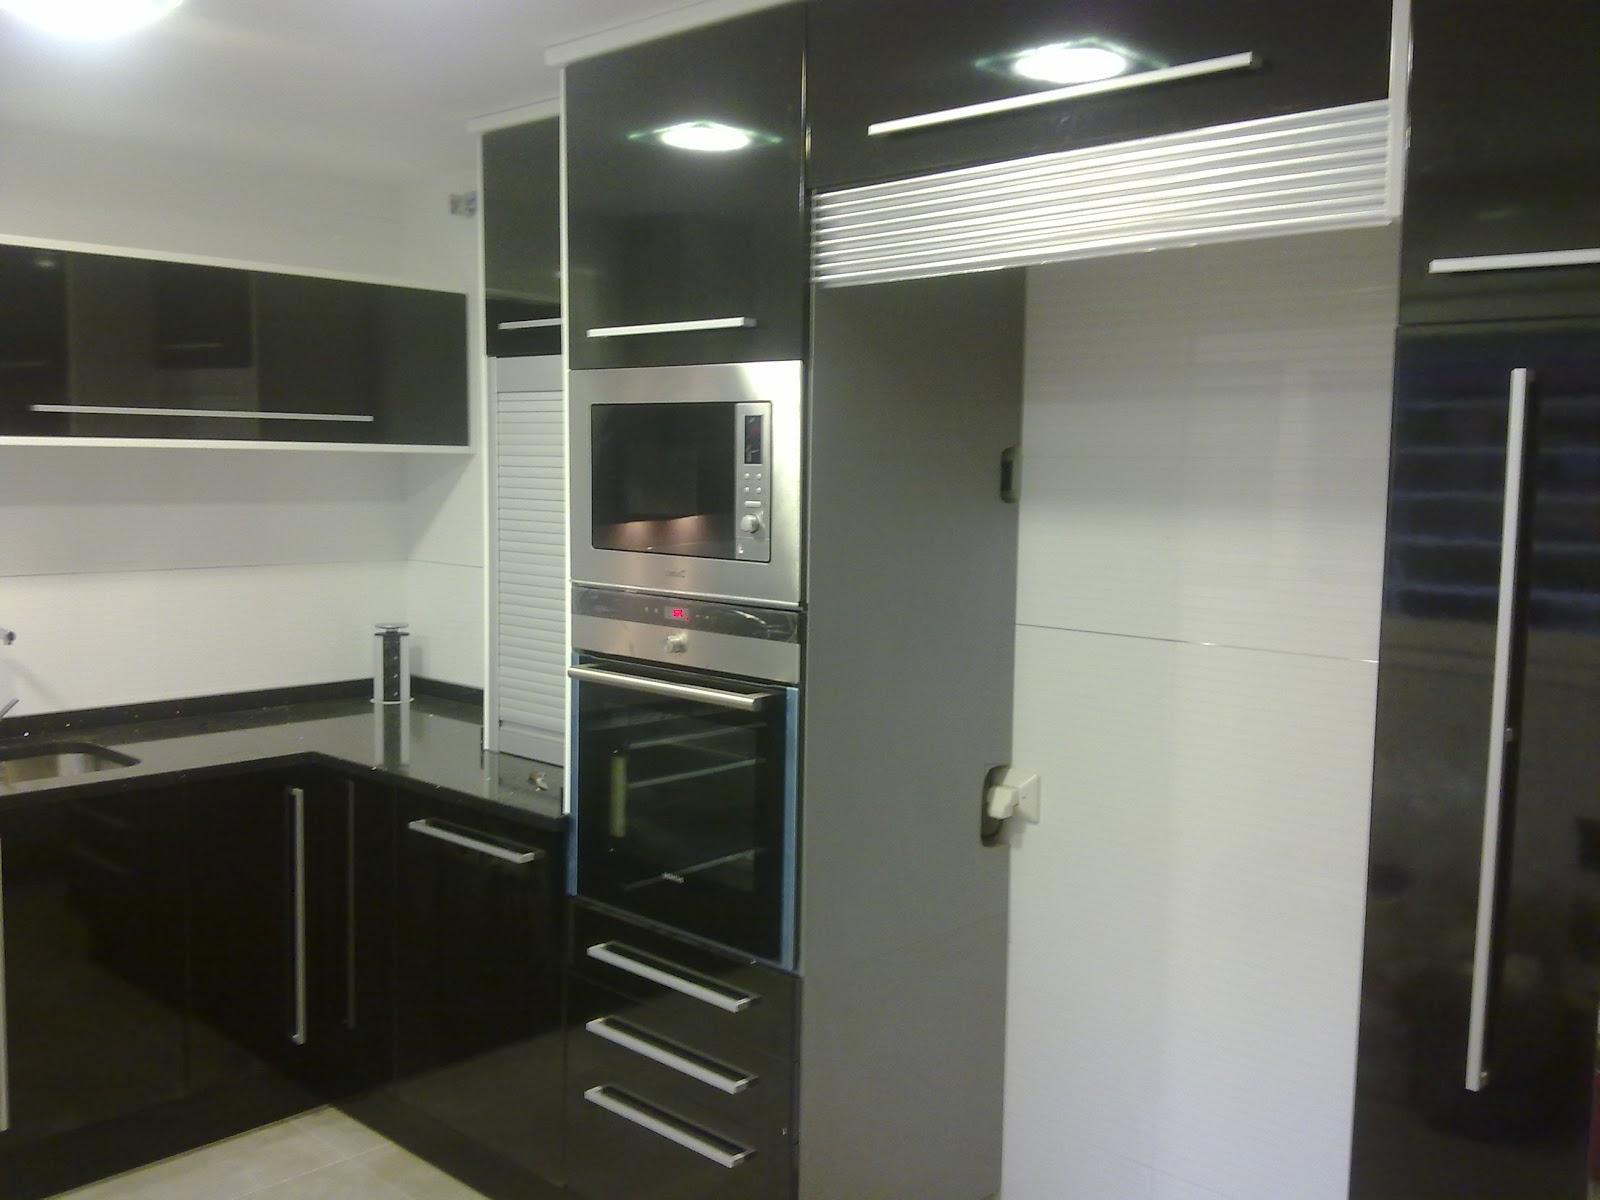 Laminado alto brillo negro encimera silestone negro - Muebles de cocina sueltos ...